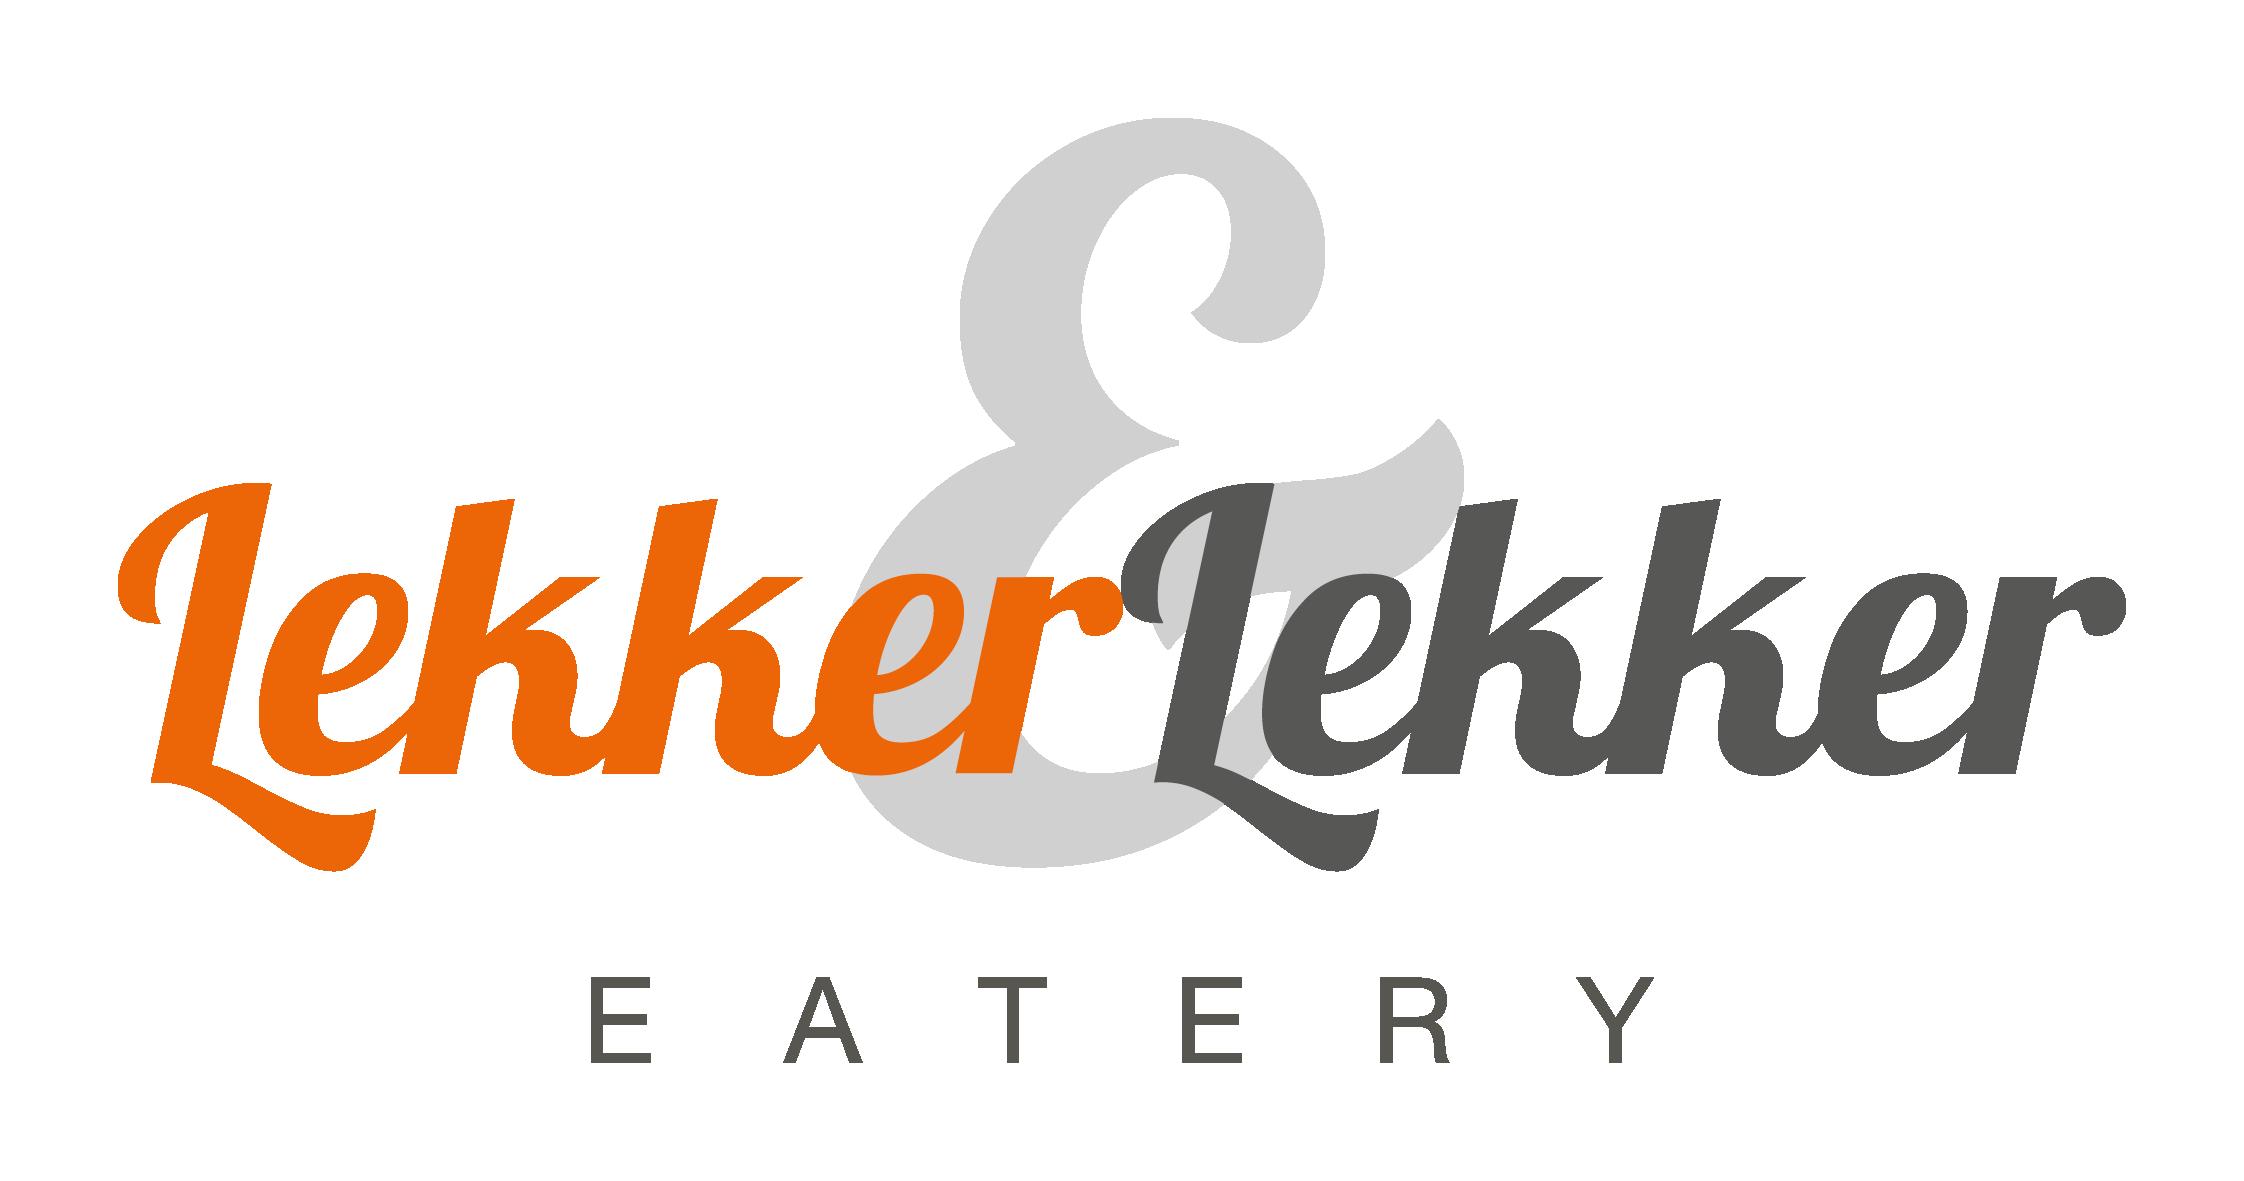 Lekker & Lekker